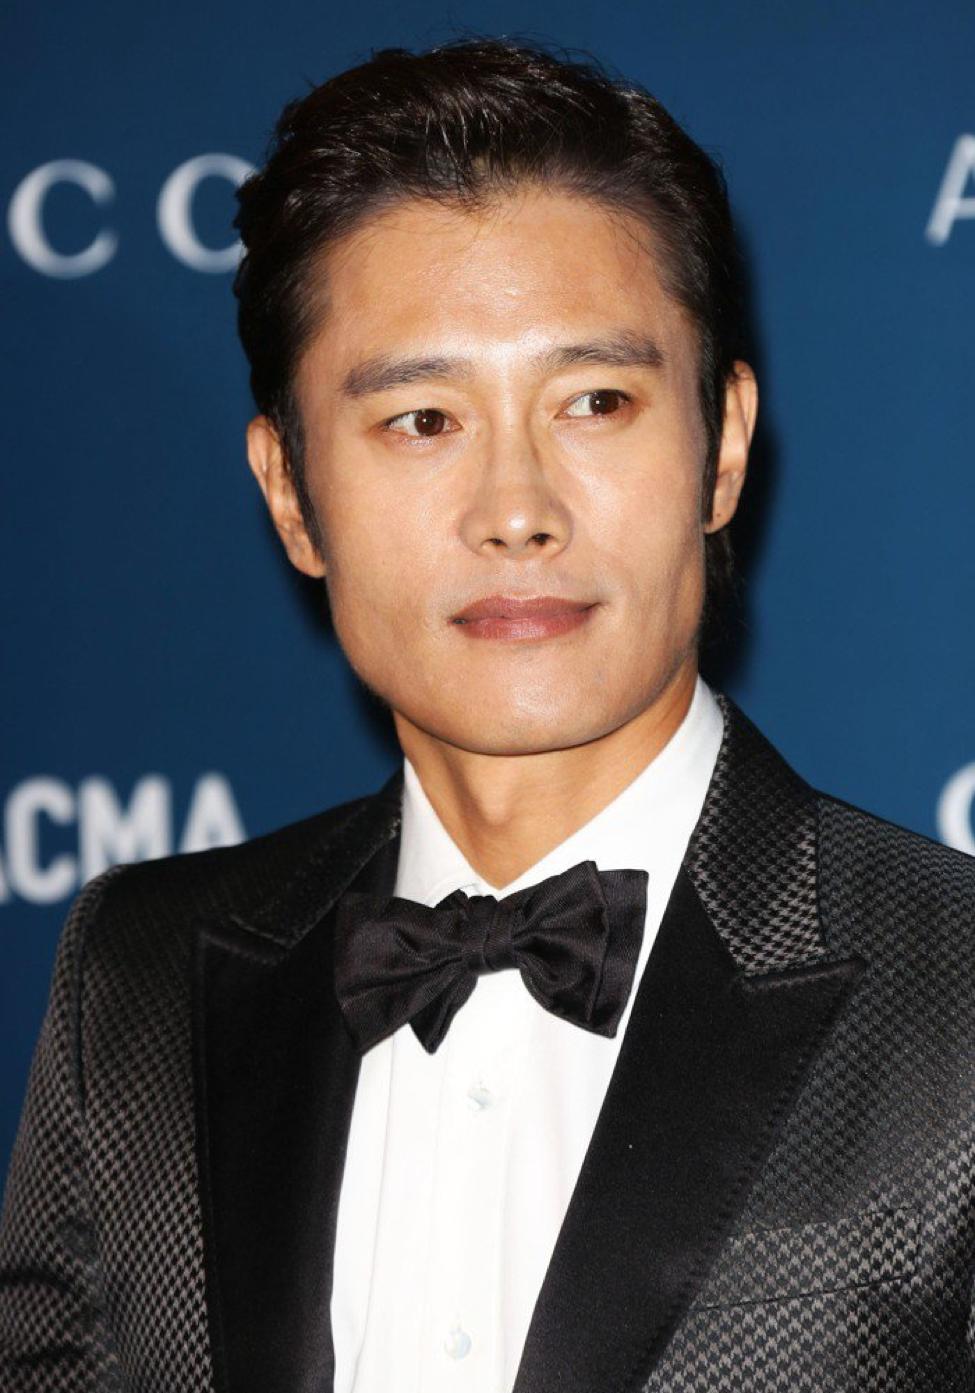 Nghi án 2 diễn viên Lee Byung Hun và Han Hyo Joo dính líu đến Burning Sun, công ty chủ quản nói gì? - Ảnh 3.